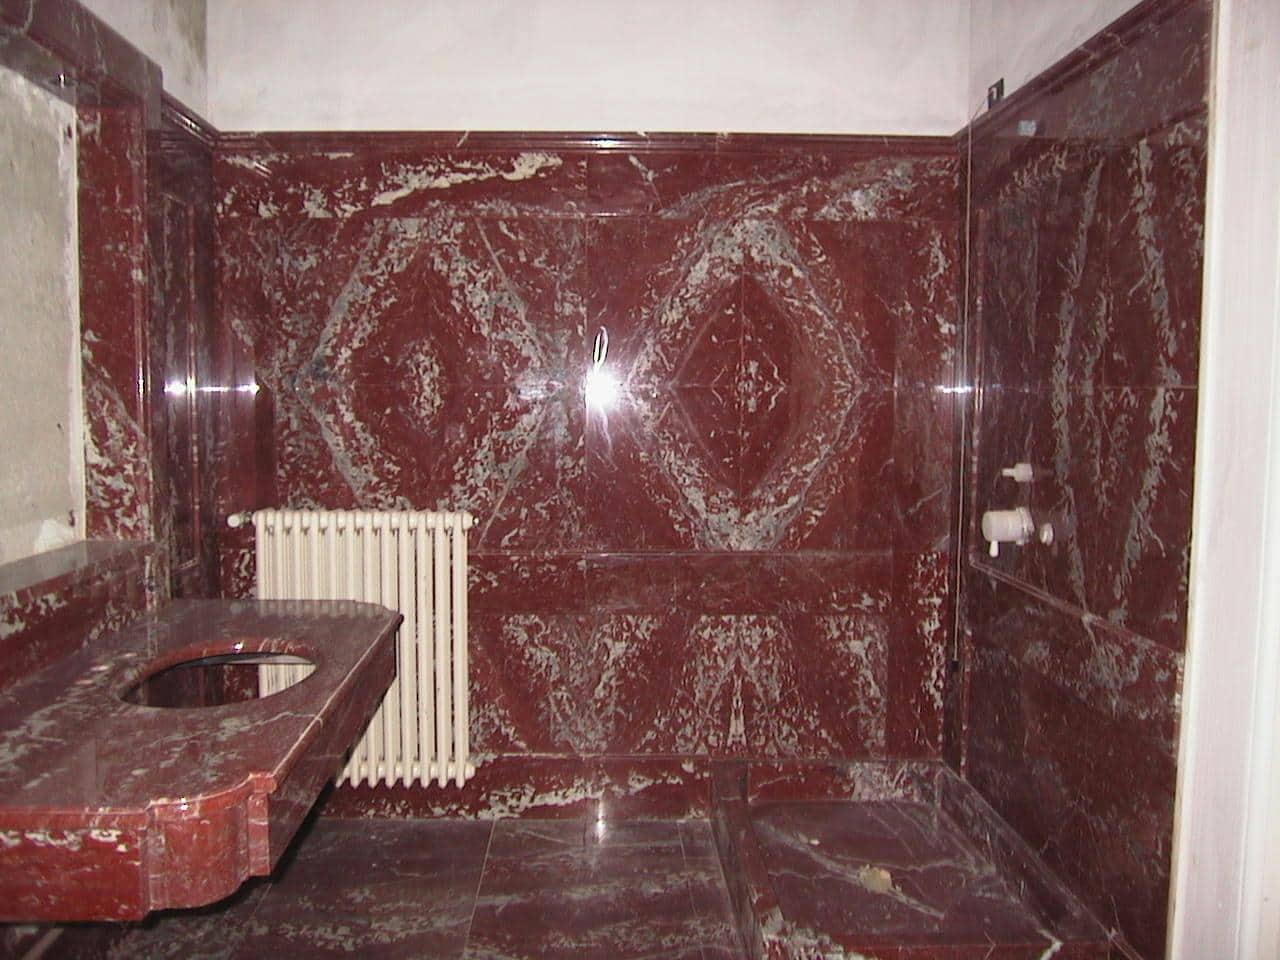 Marmo rosso francia marmo - Rivestimento bagno in marmo ...